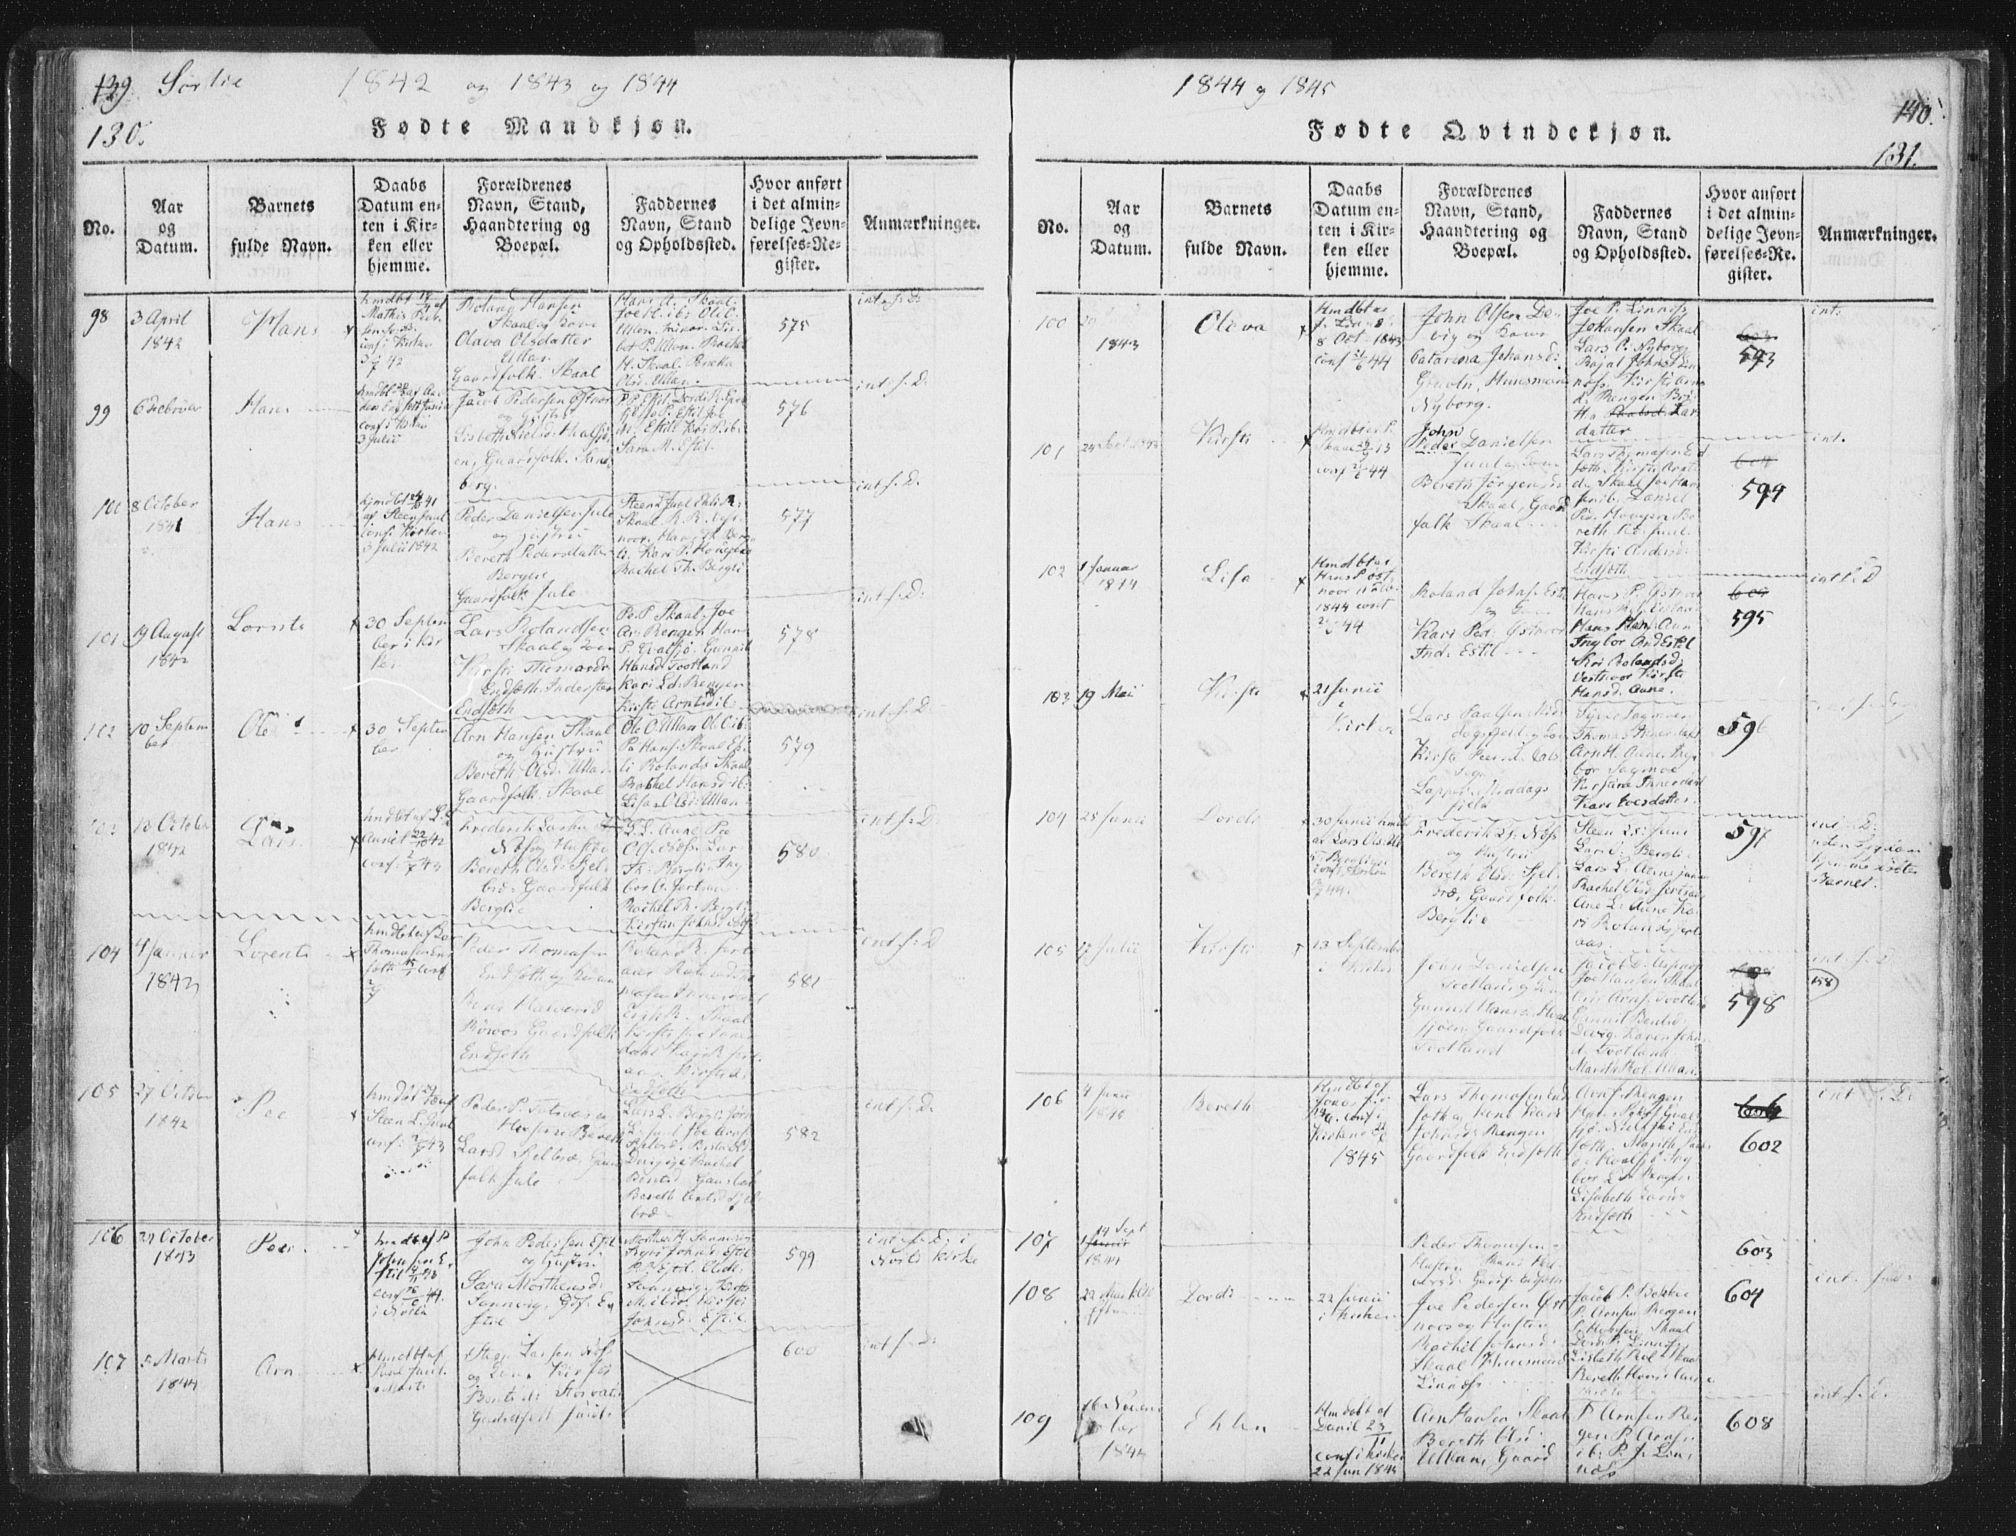 SAT, Ministerialprotokoller, klokkerbøker og fødselsregistre - Nord-Trøndelag, 755/L0491: Ministerialbok nr. 755A01 /2, 1817-1864, s. 130-131